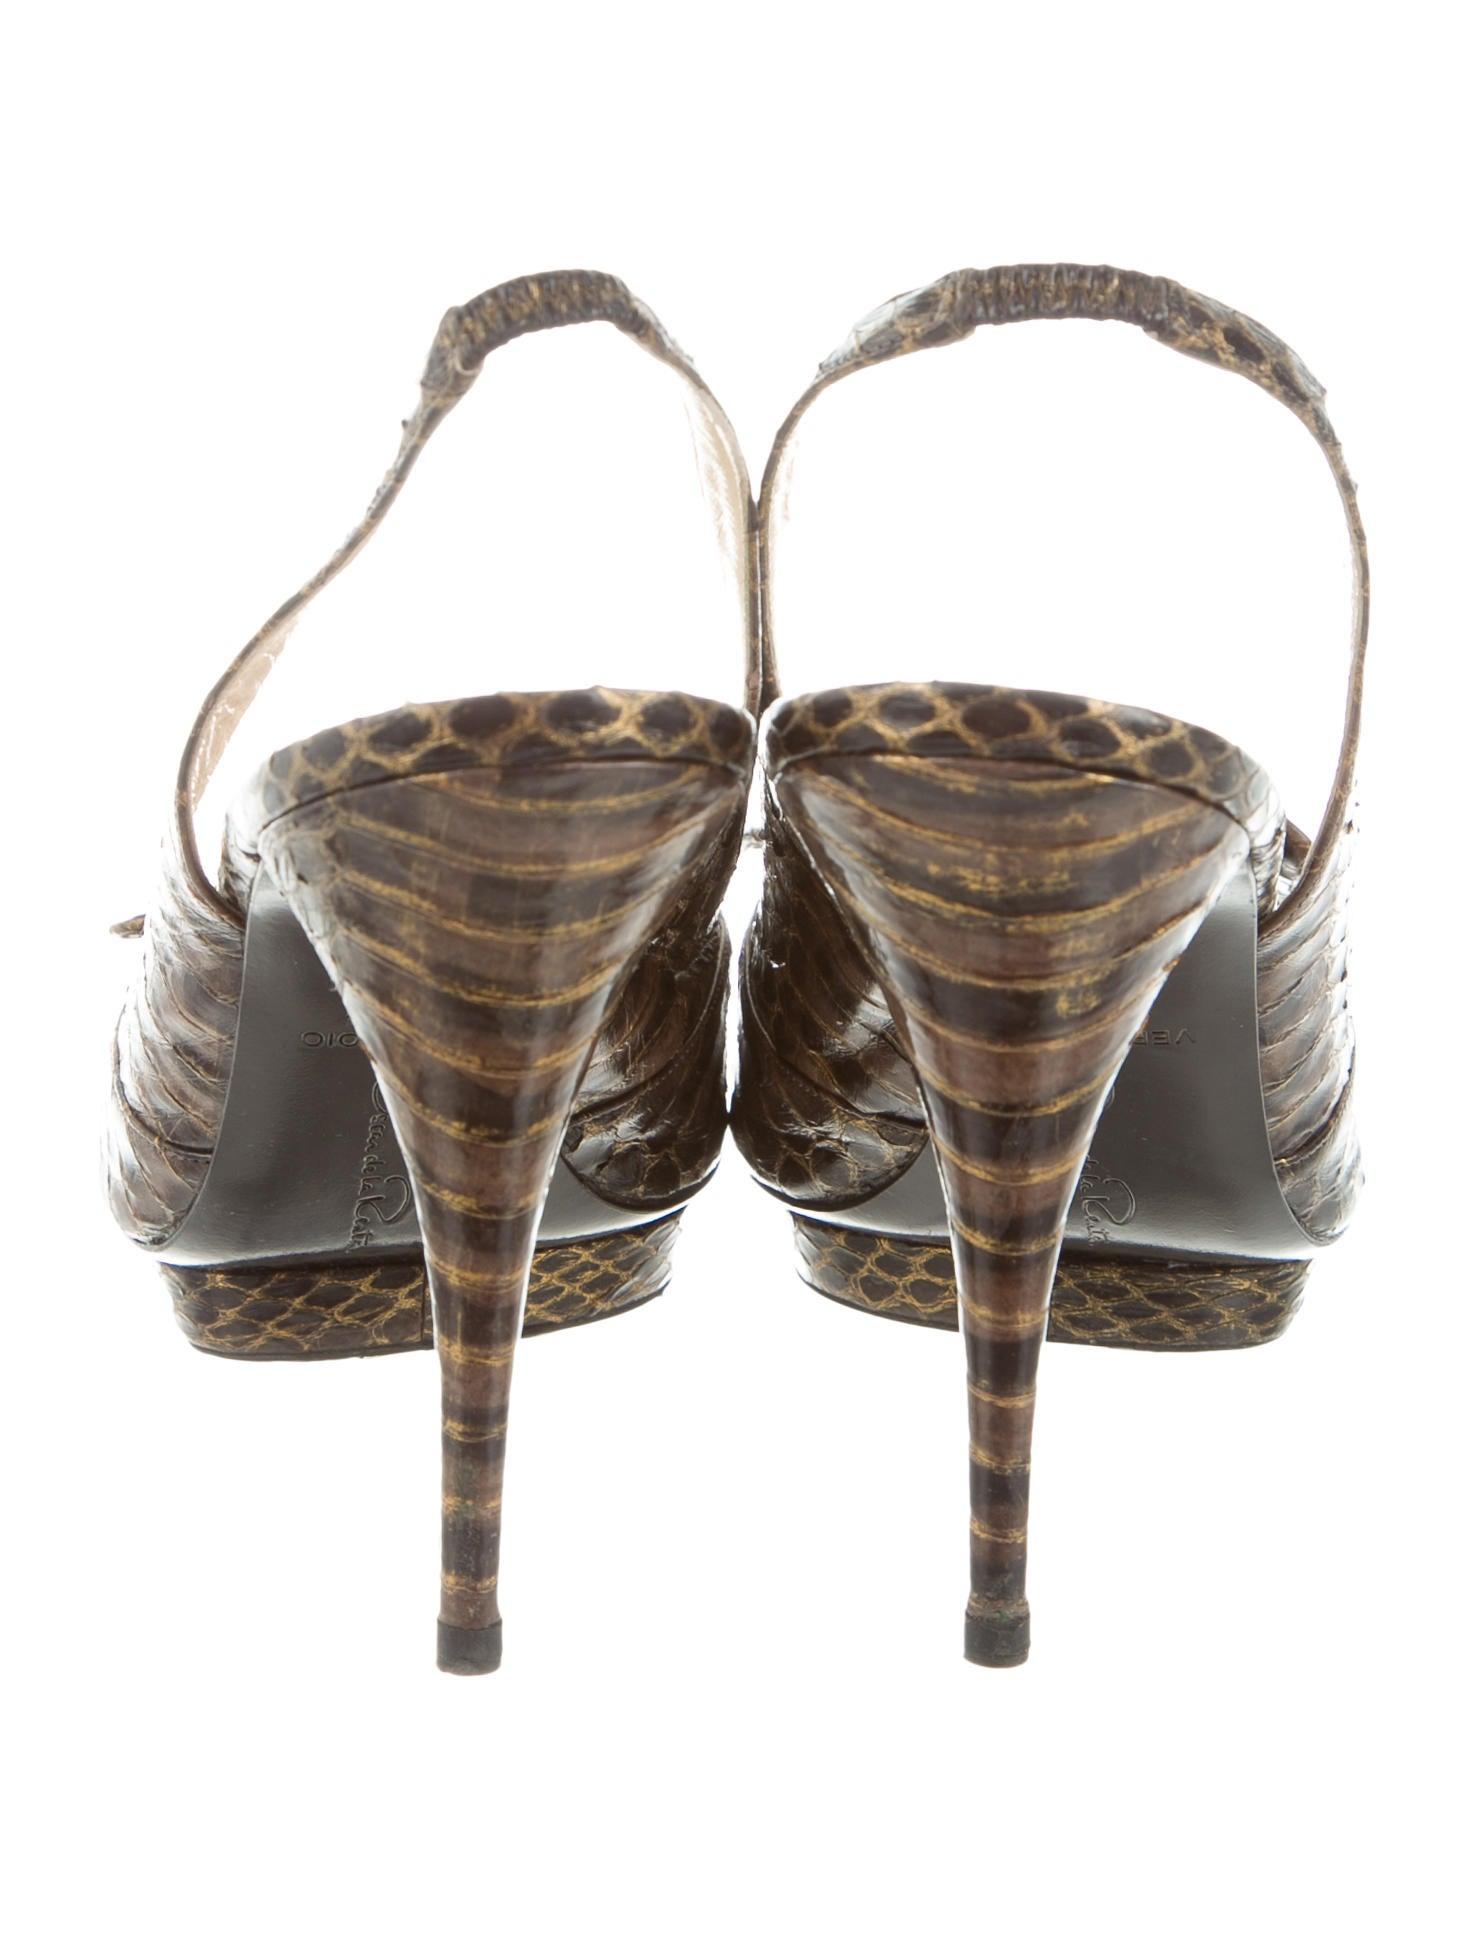 Oscar de la renta python bow pumps shoes osc61069 for Oscar de la renta candles